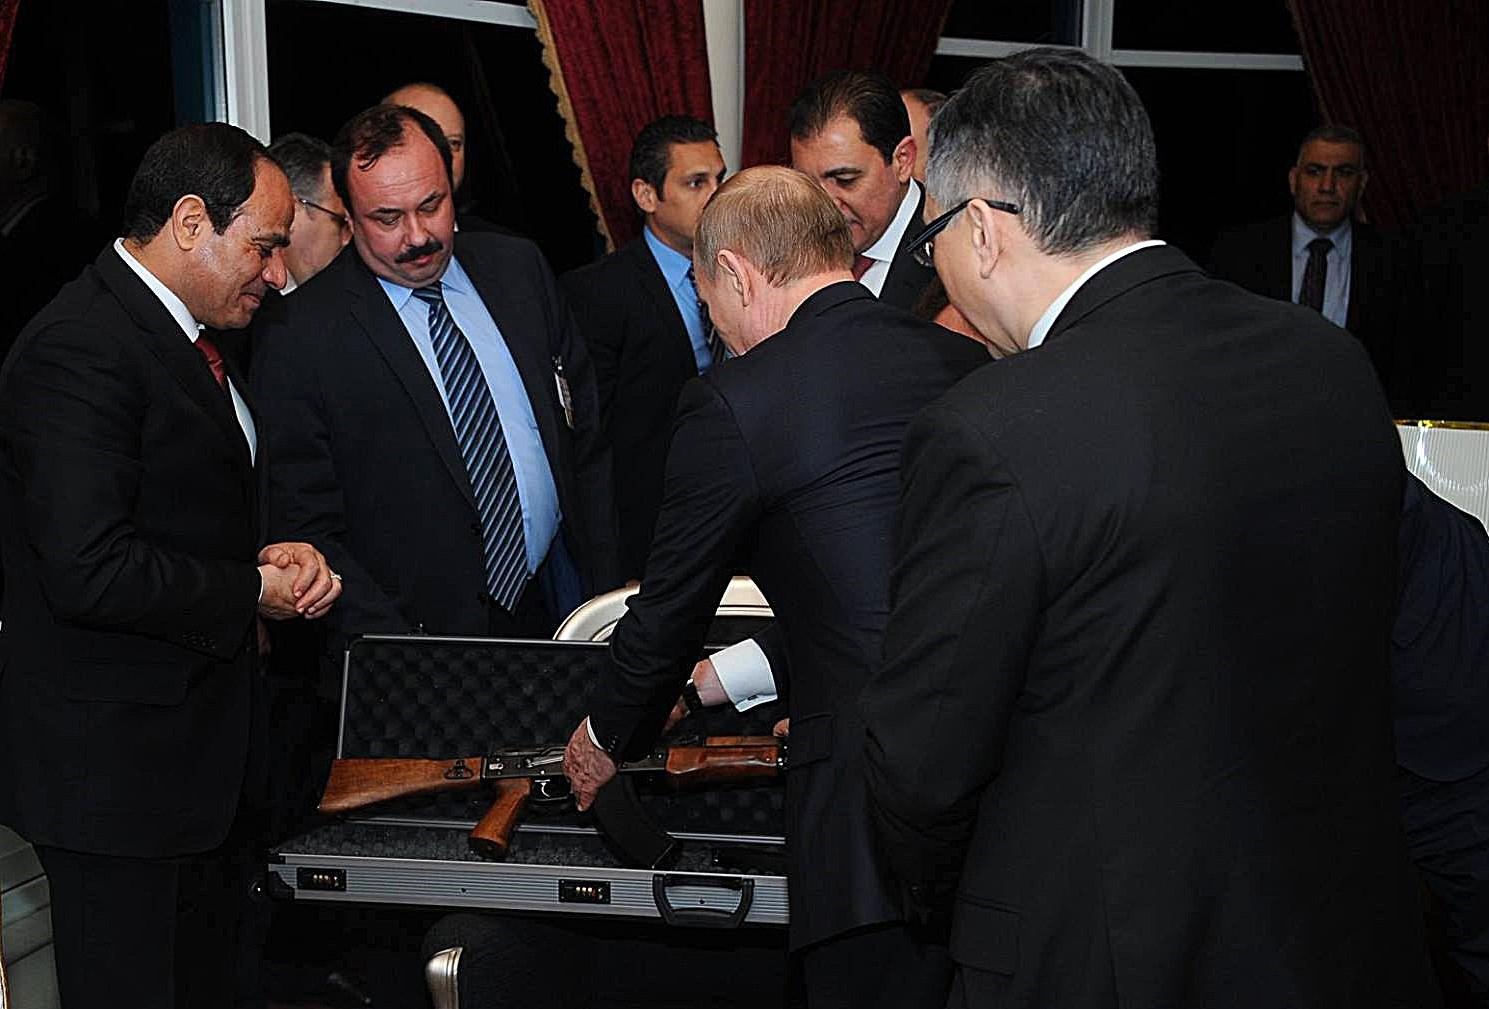 Ce cadouri primesti atunci cand esti sef de stat si te intalnesti cu Vladimir Putin. Surpriza de care a avut parte al-Sisi